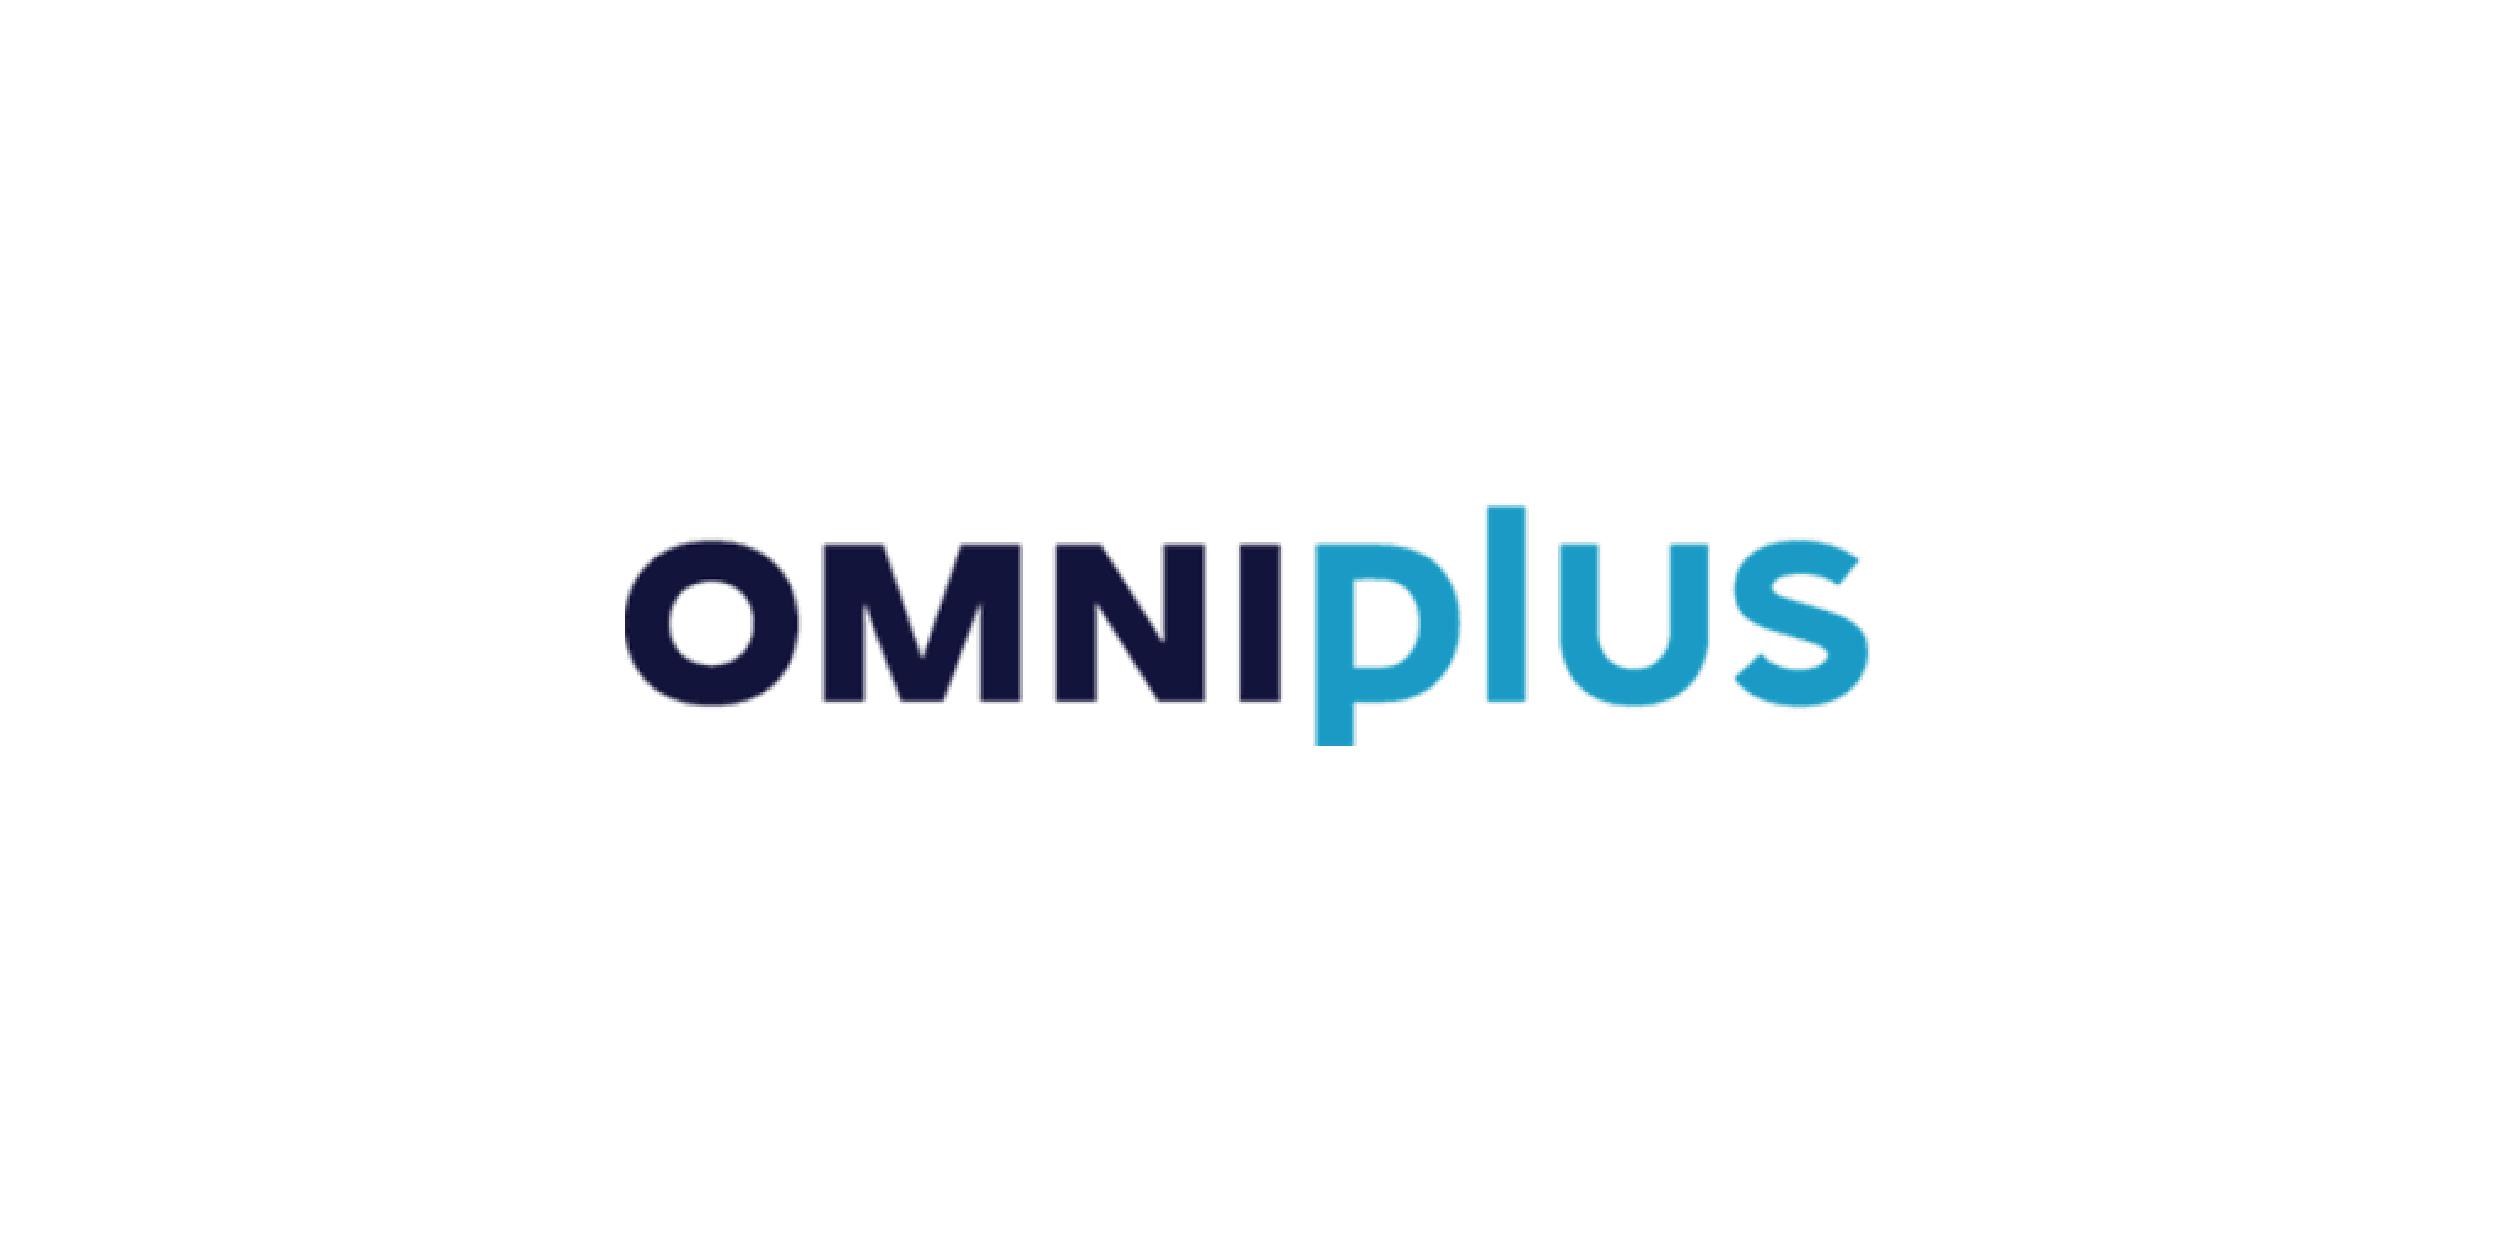 Omniplus